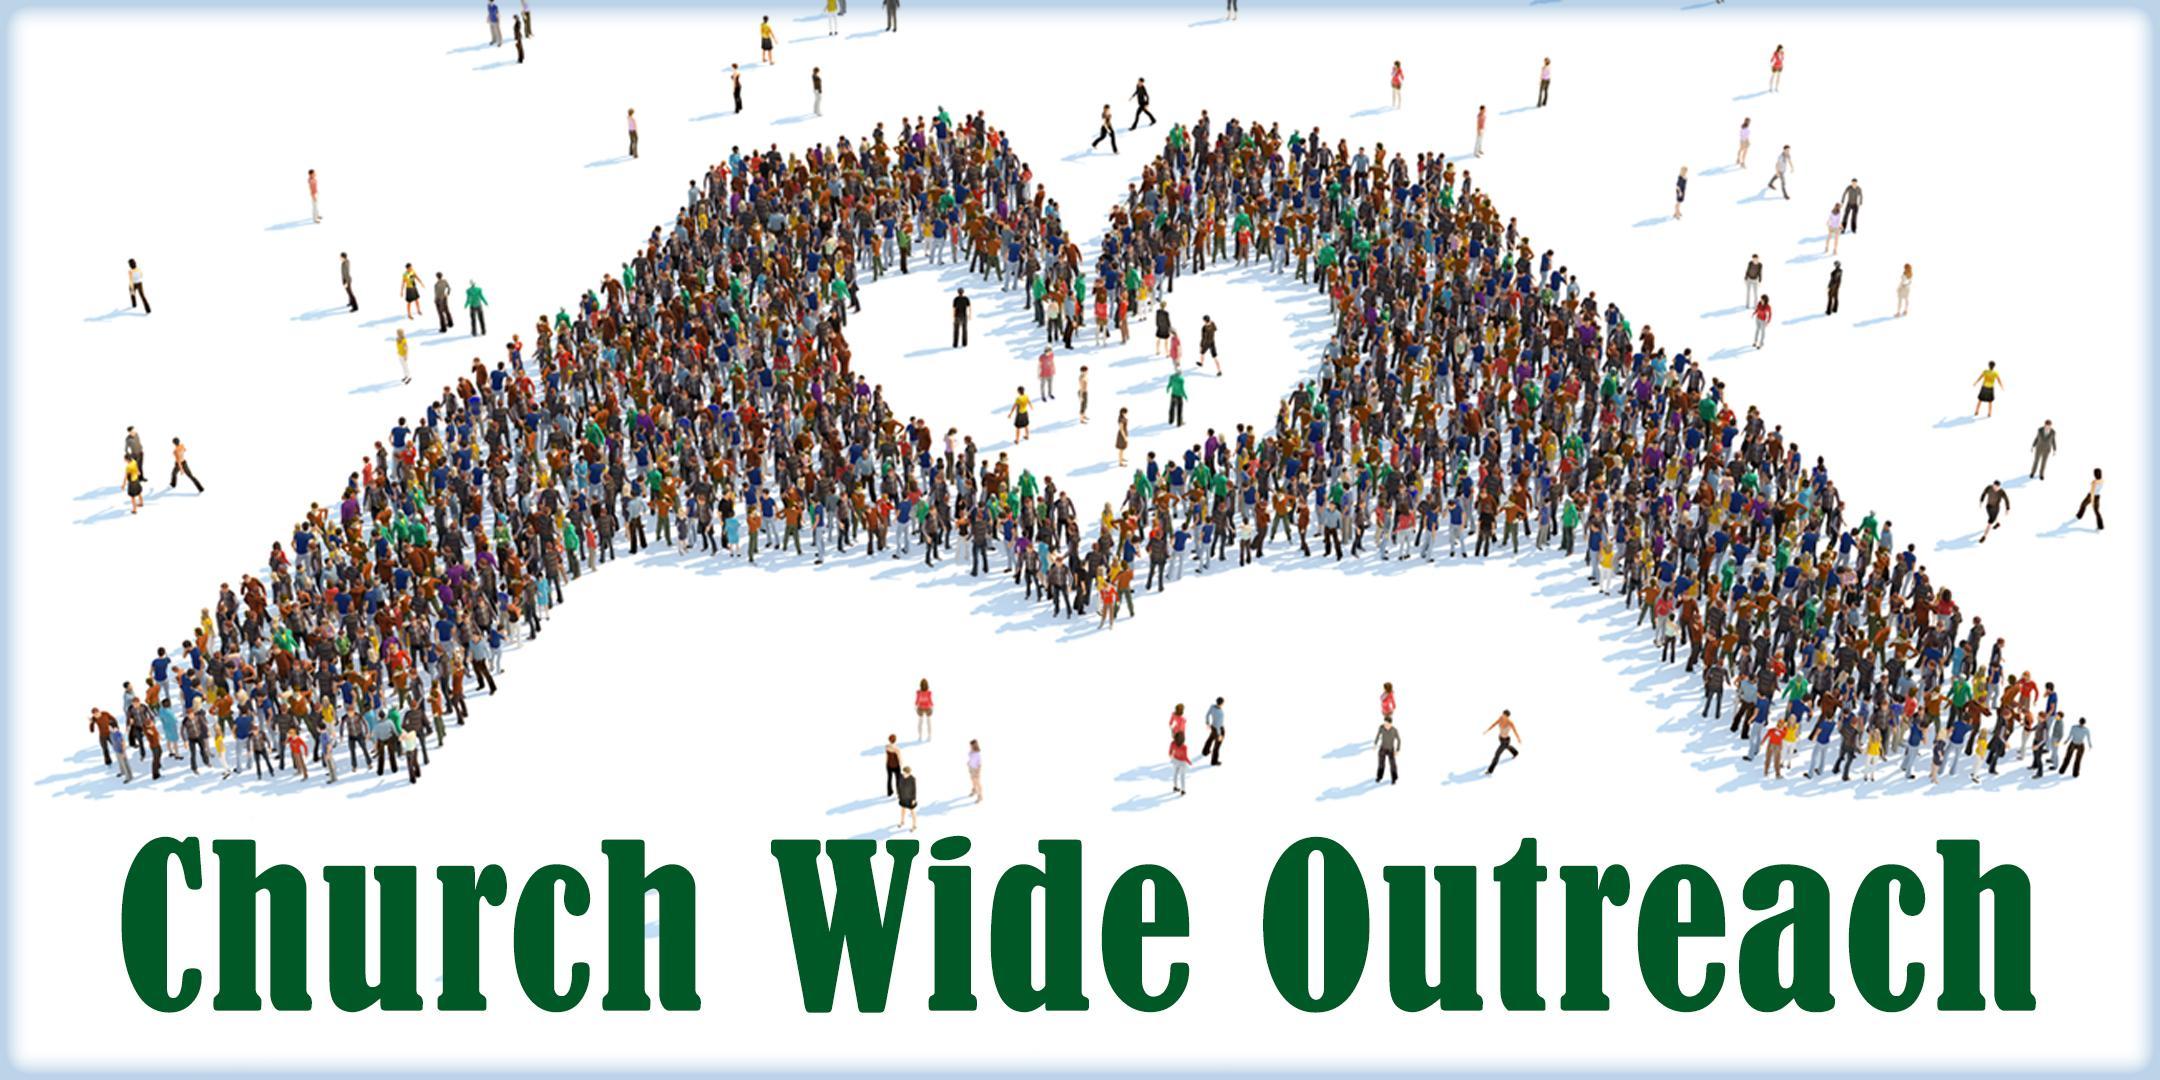 Church Wide Outreach